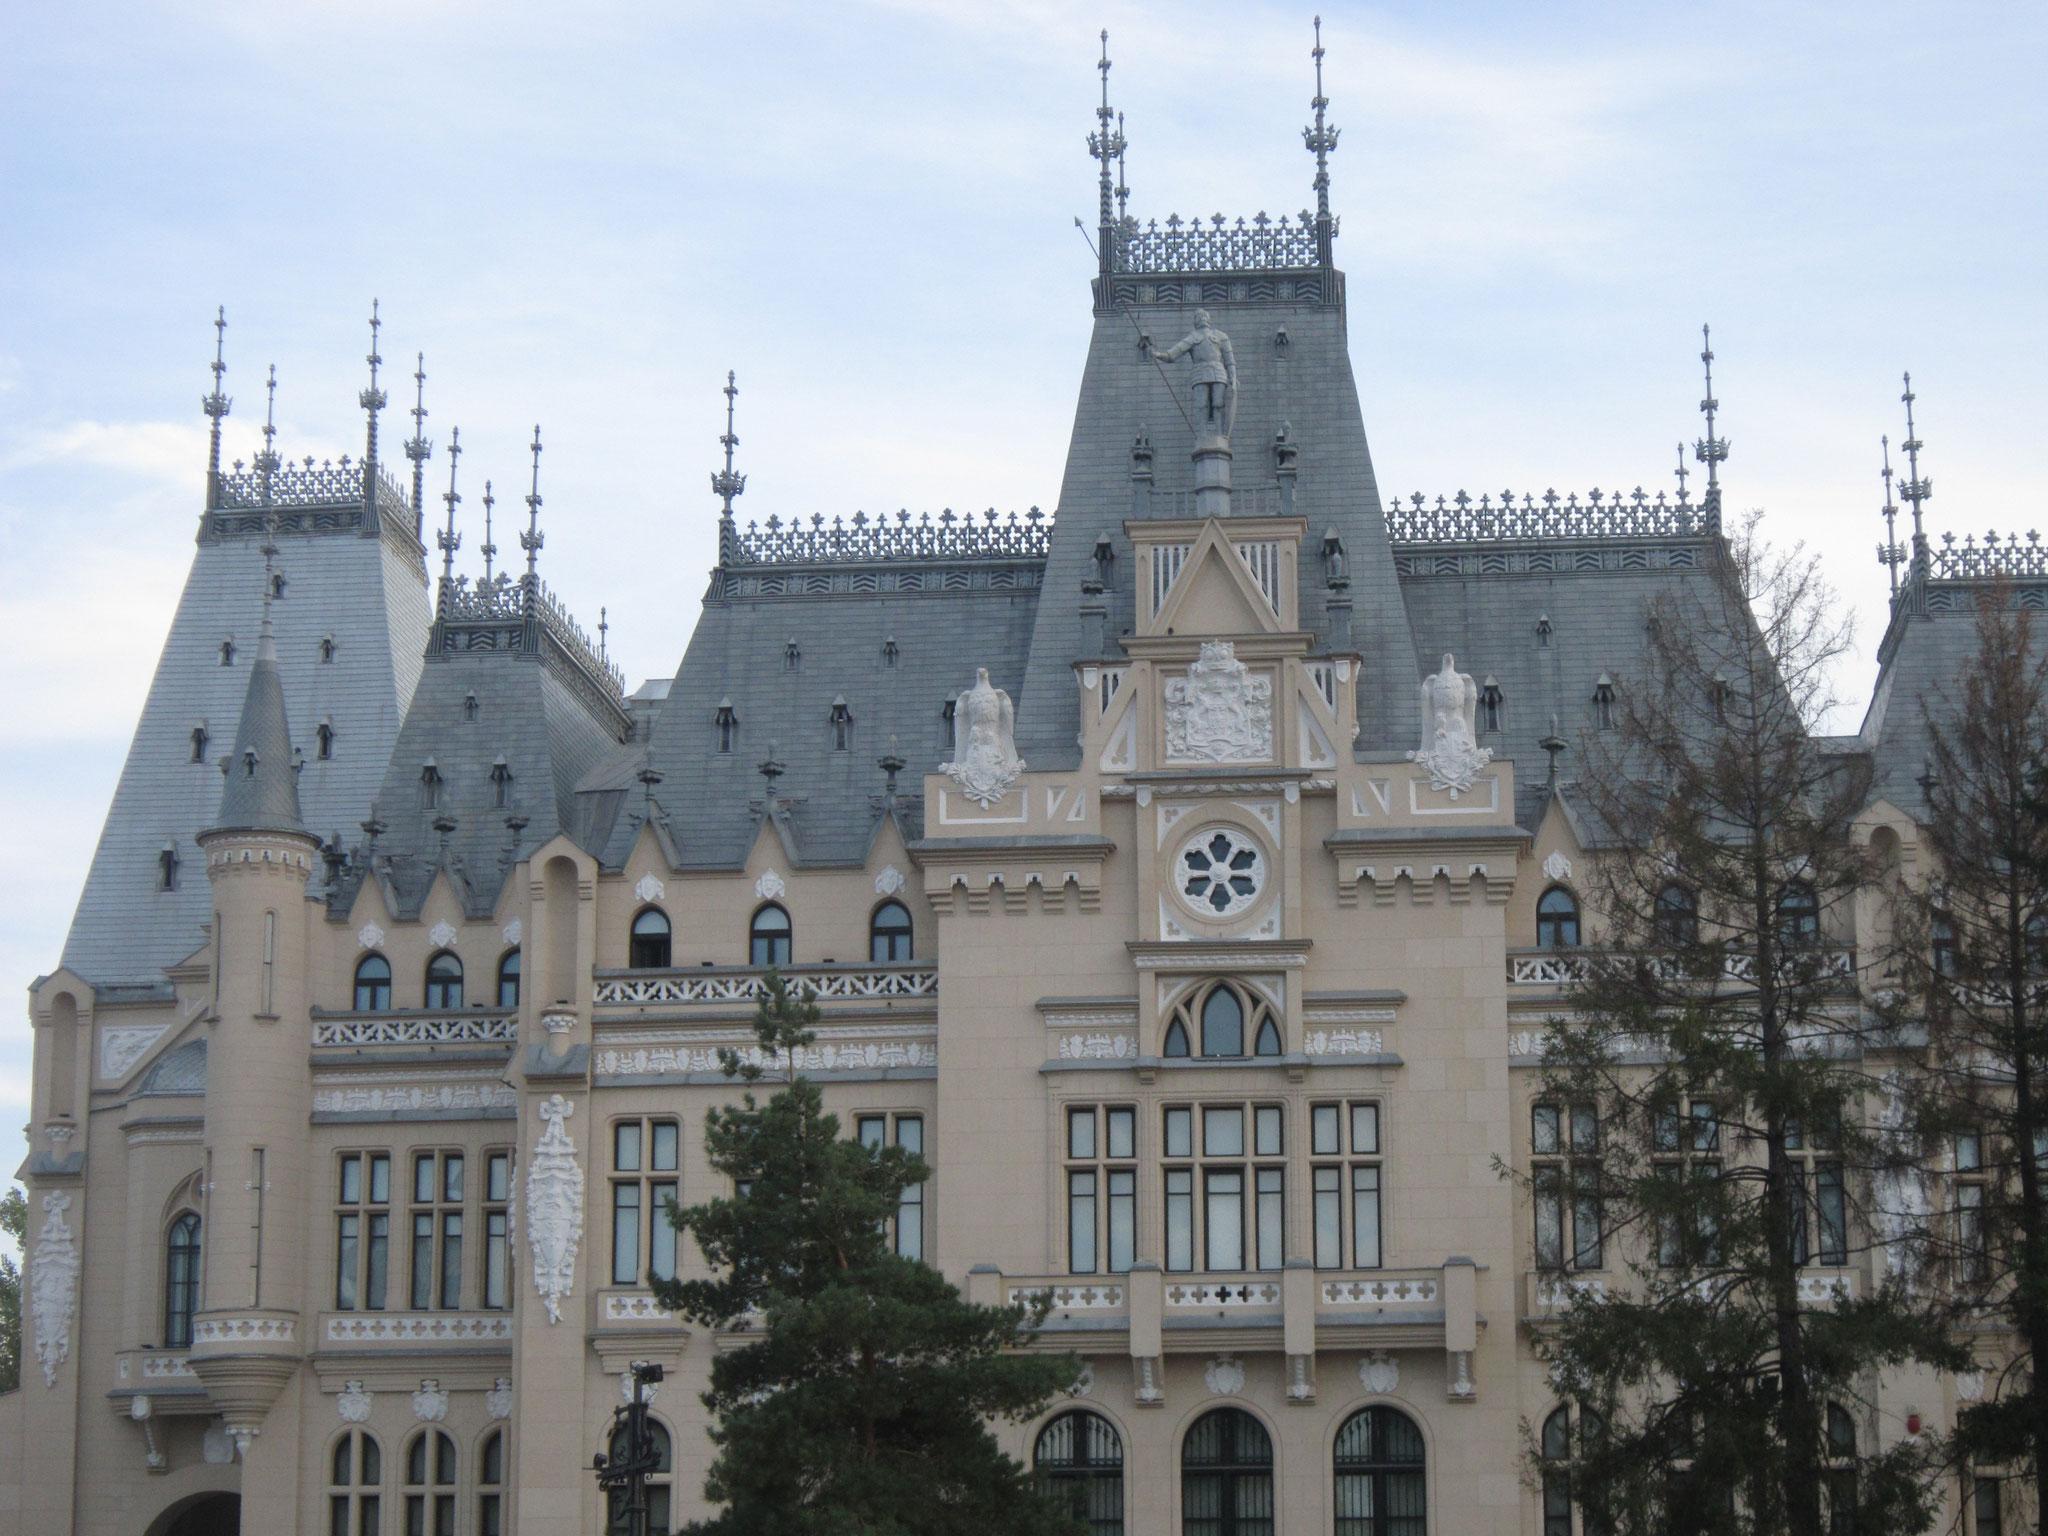 Дворец культуры, Яссы Румыния